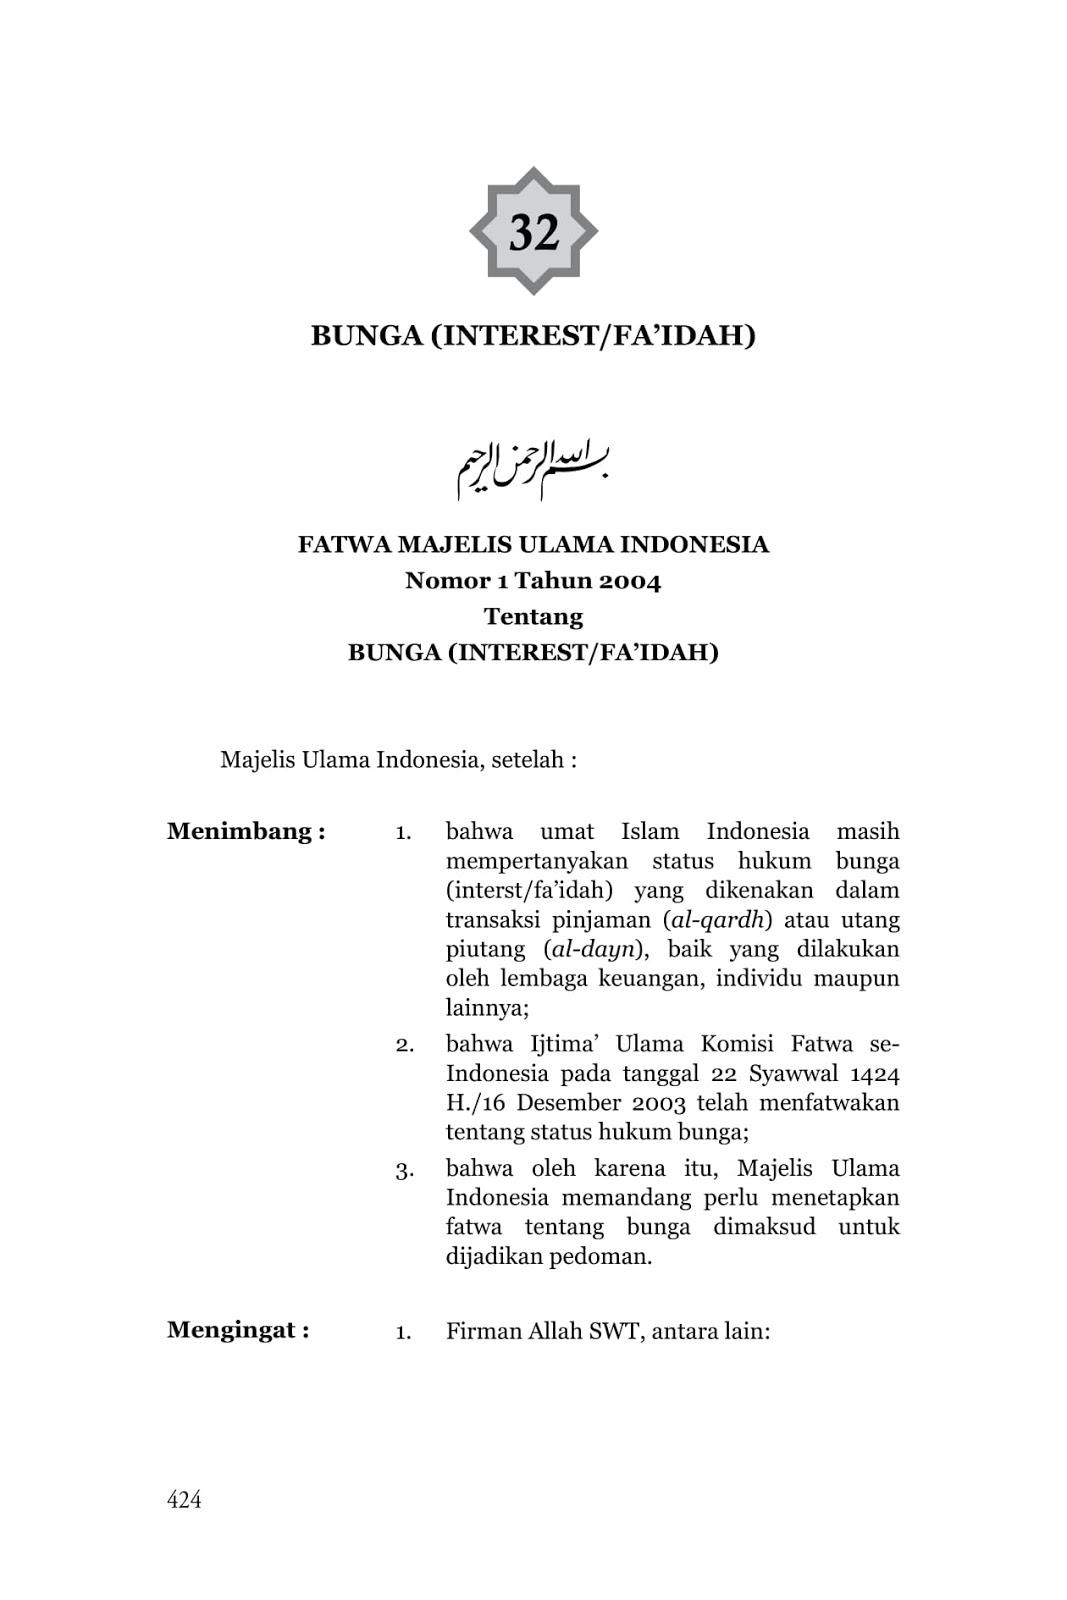 Fatwa MUI Nomor 1 Tahun 2004 Tentang BUNGA (INTEREST/FA'IDAH)